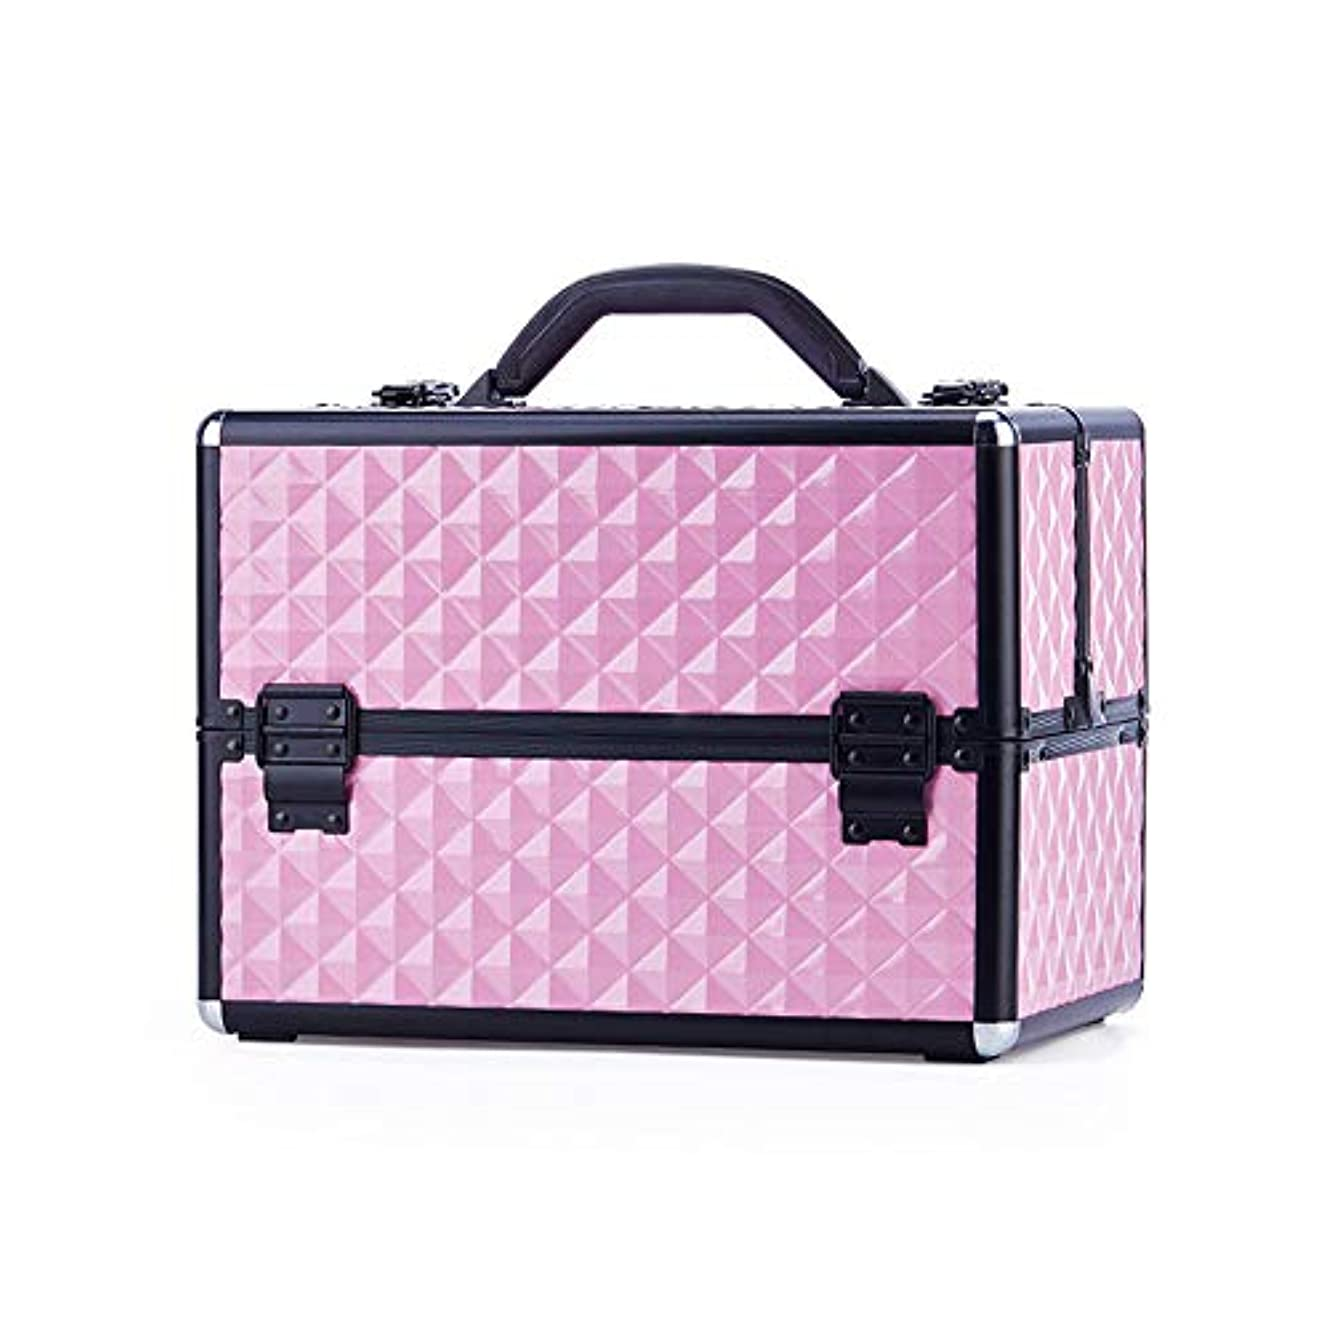 奨励マットレス祖母特大スペース収納ビューティーボックス 美の構造のためそしてジッパーおよび折る皿が付いている女の子の女性旅行そして毎日の貯蔵のための高容量の携帯用化粧品袋 化粧品化粧台 (色 : ピンク)